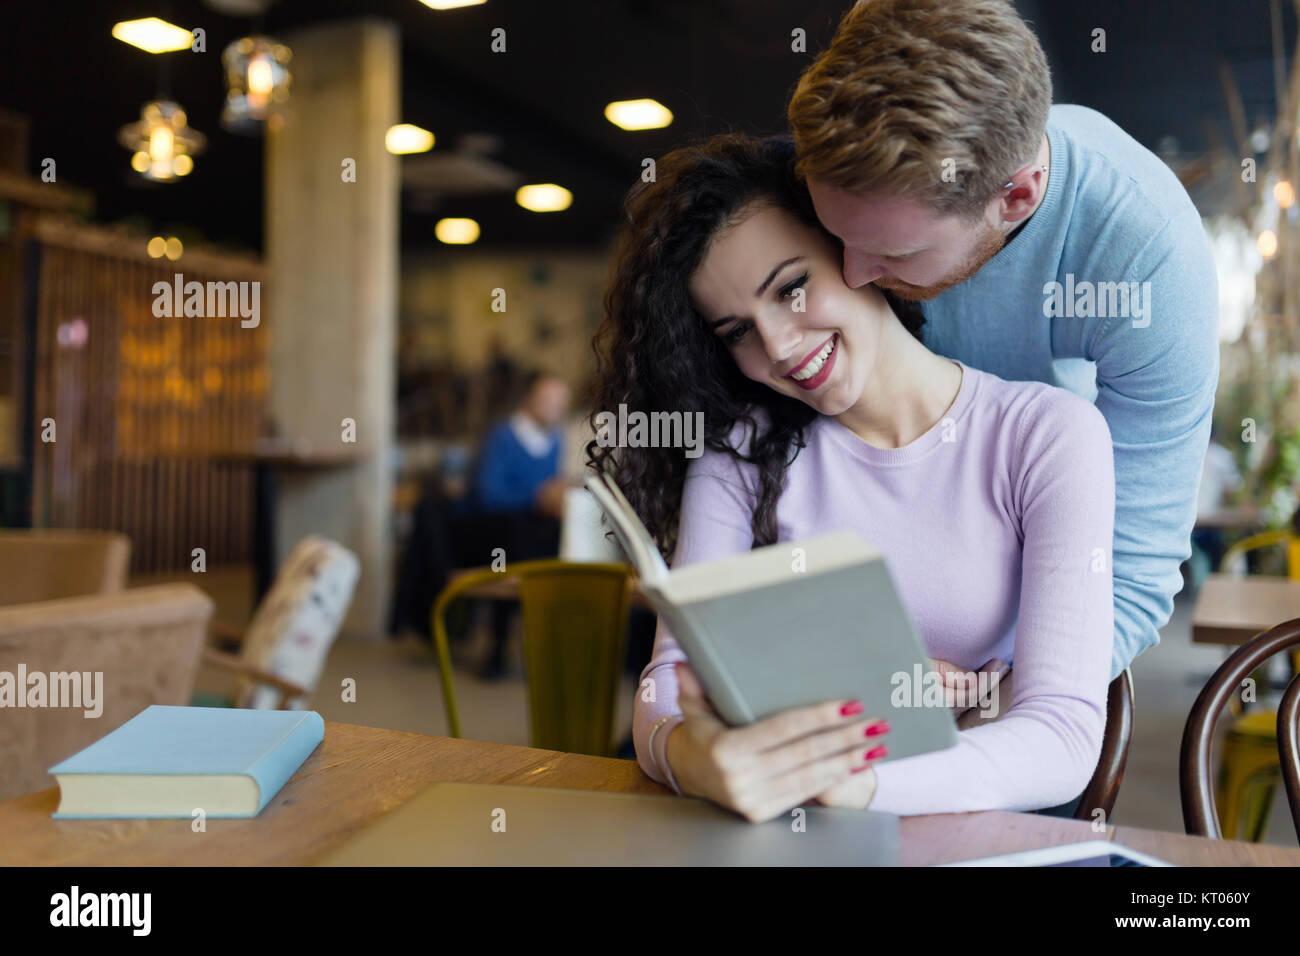 Glückliches junges Paar, das Spaß im Coffee Shop Stockbild